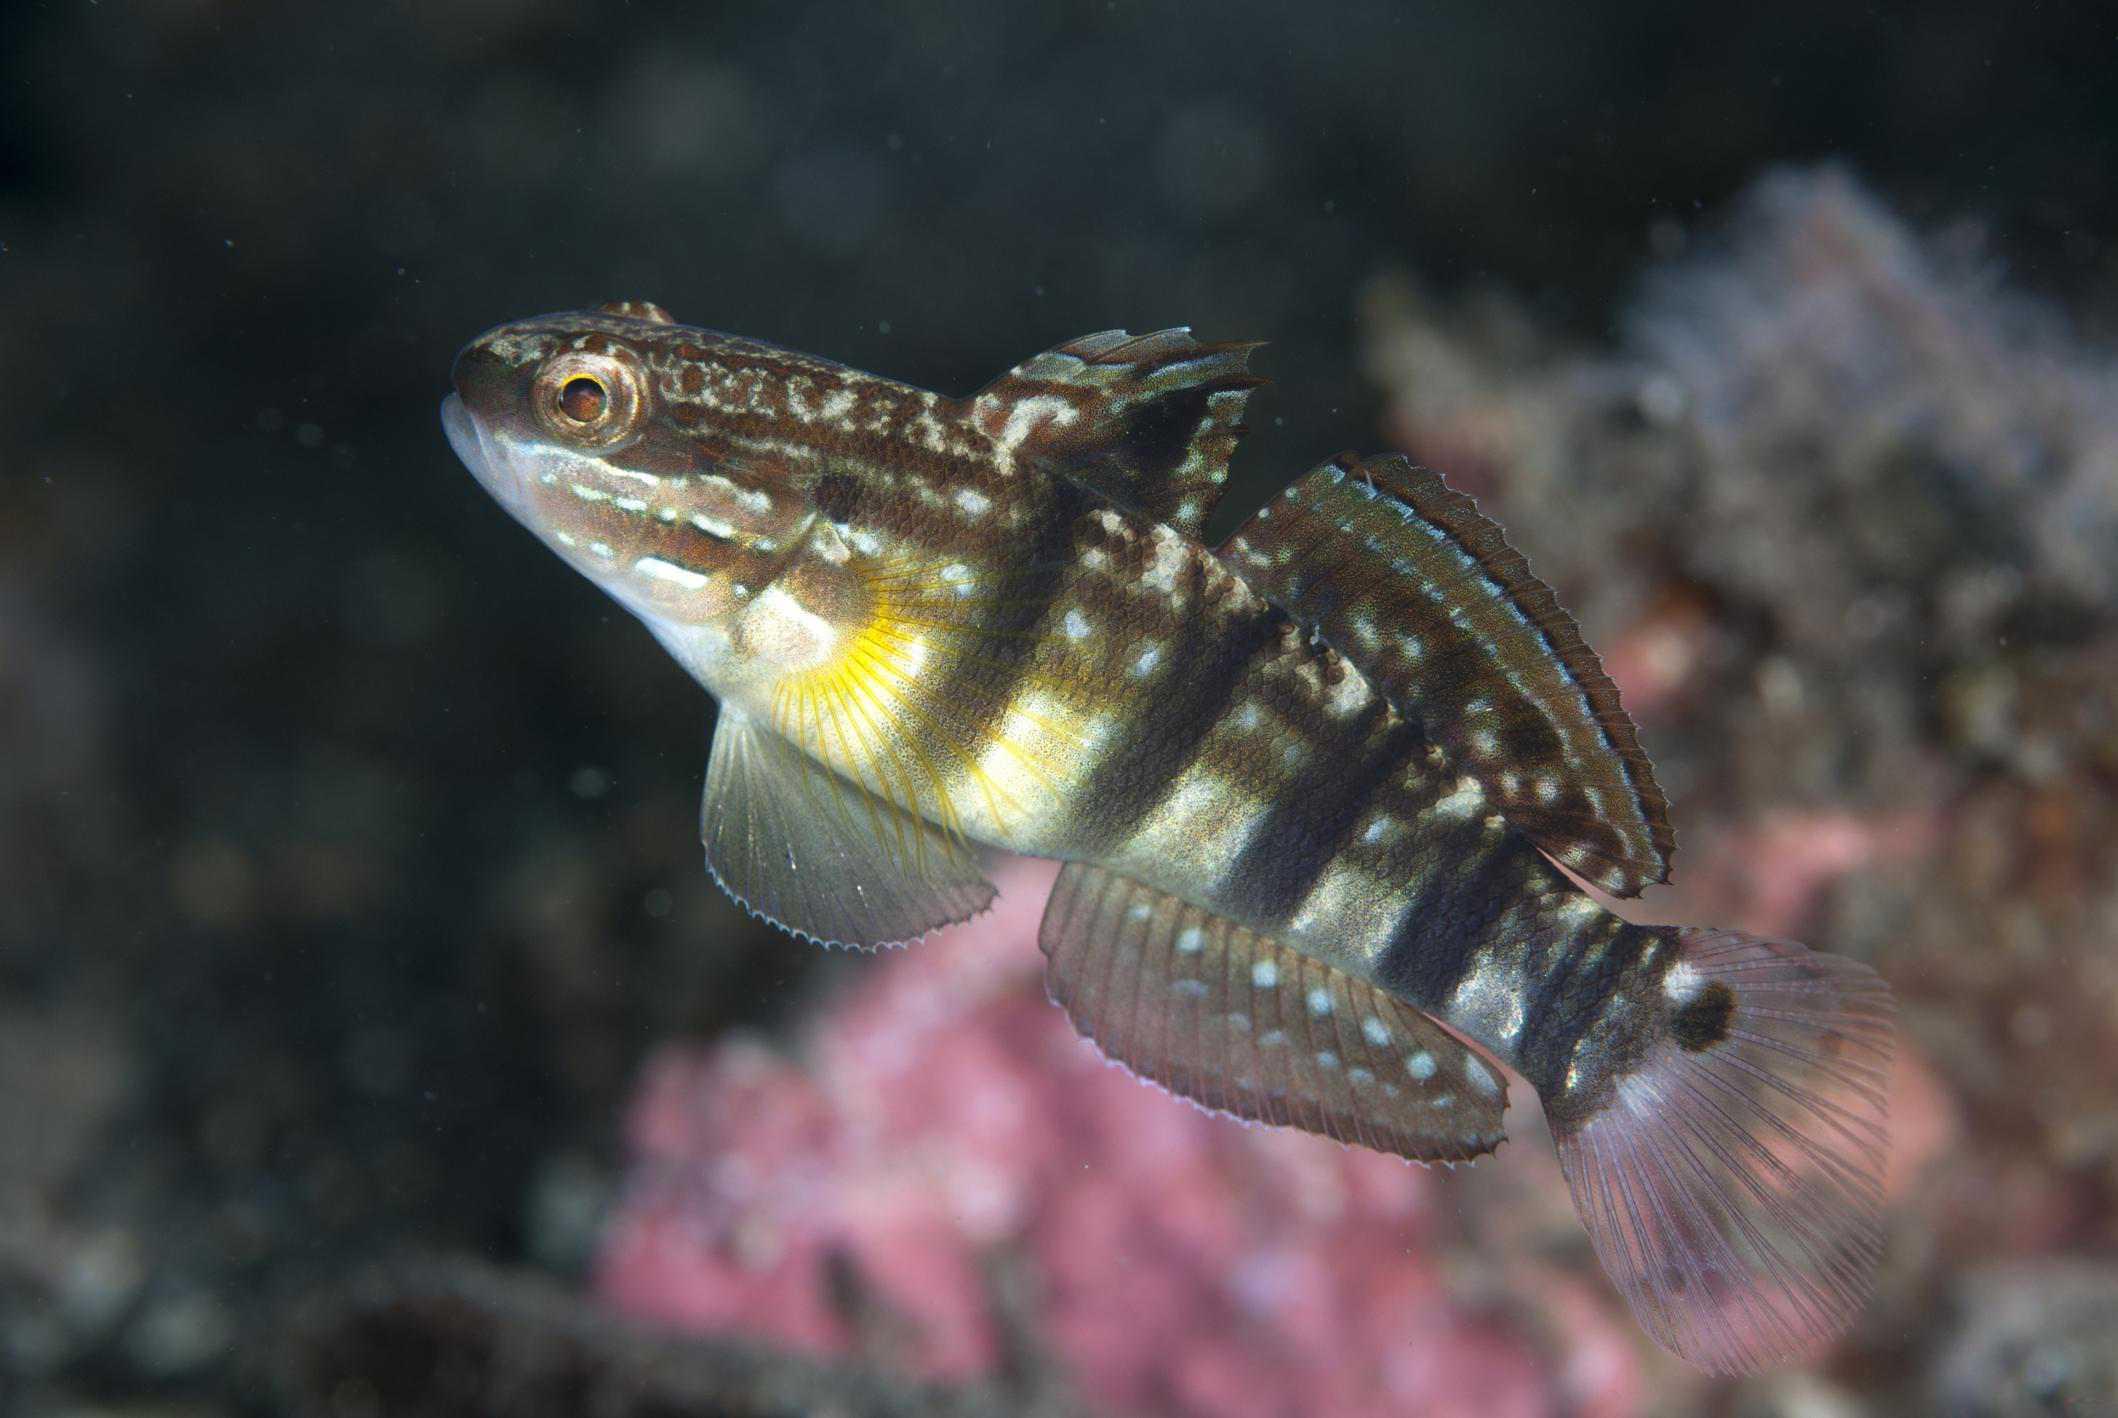 Underwater dive site, Sulawesi, Indonesia